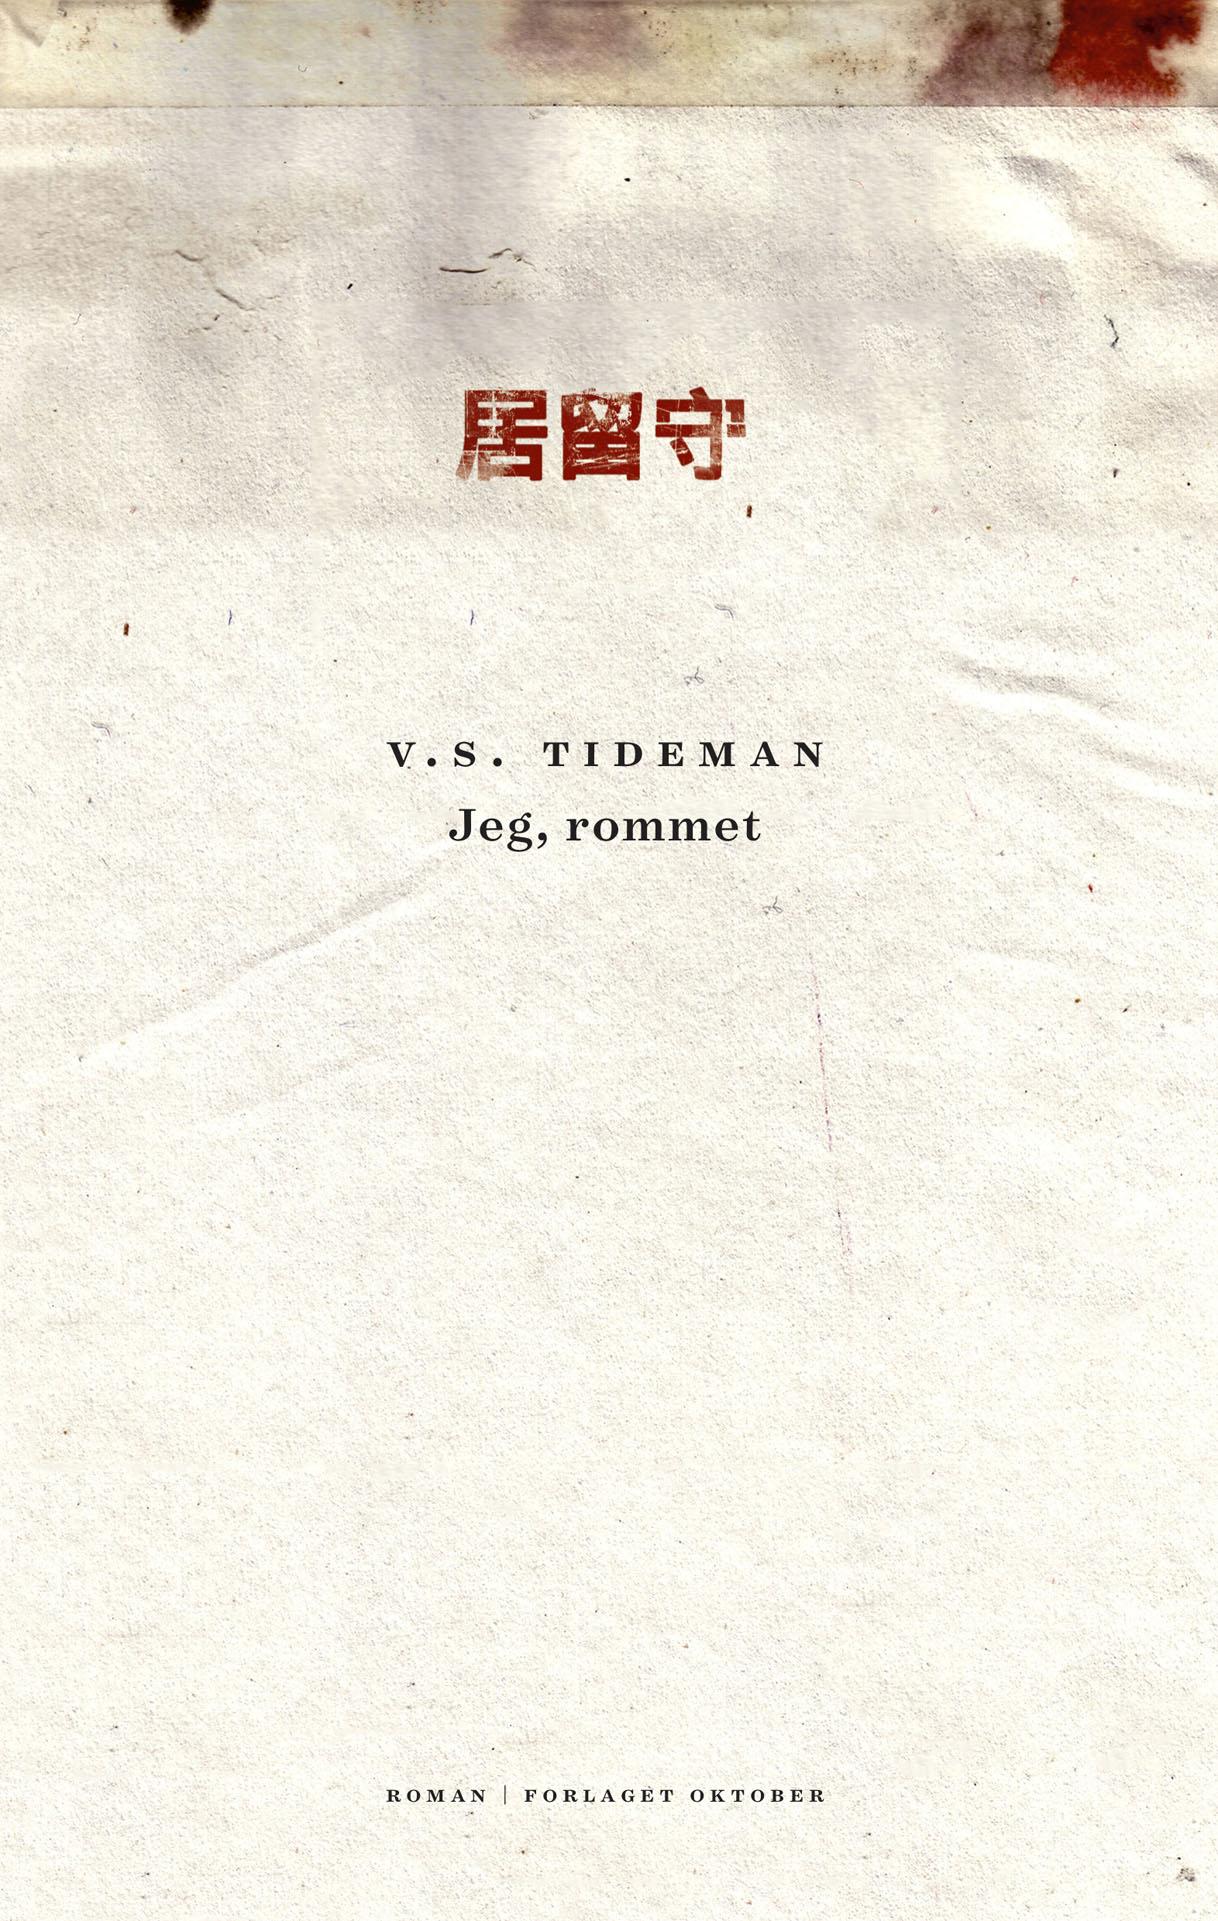 V.S Tideman - Jeg, rommet